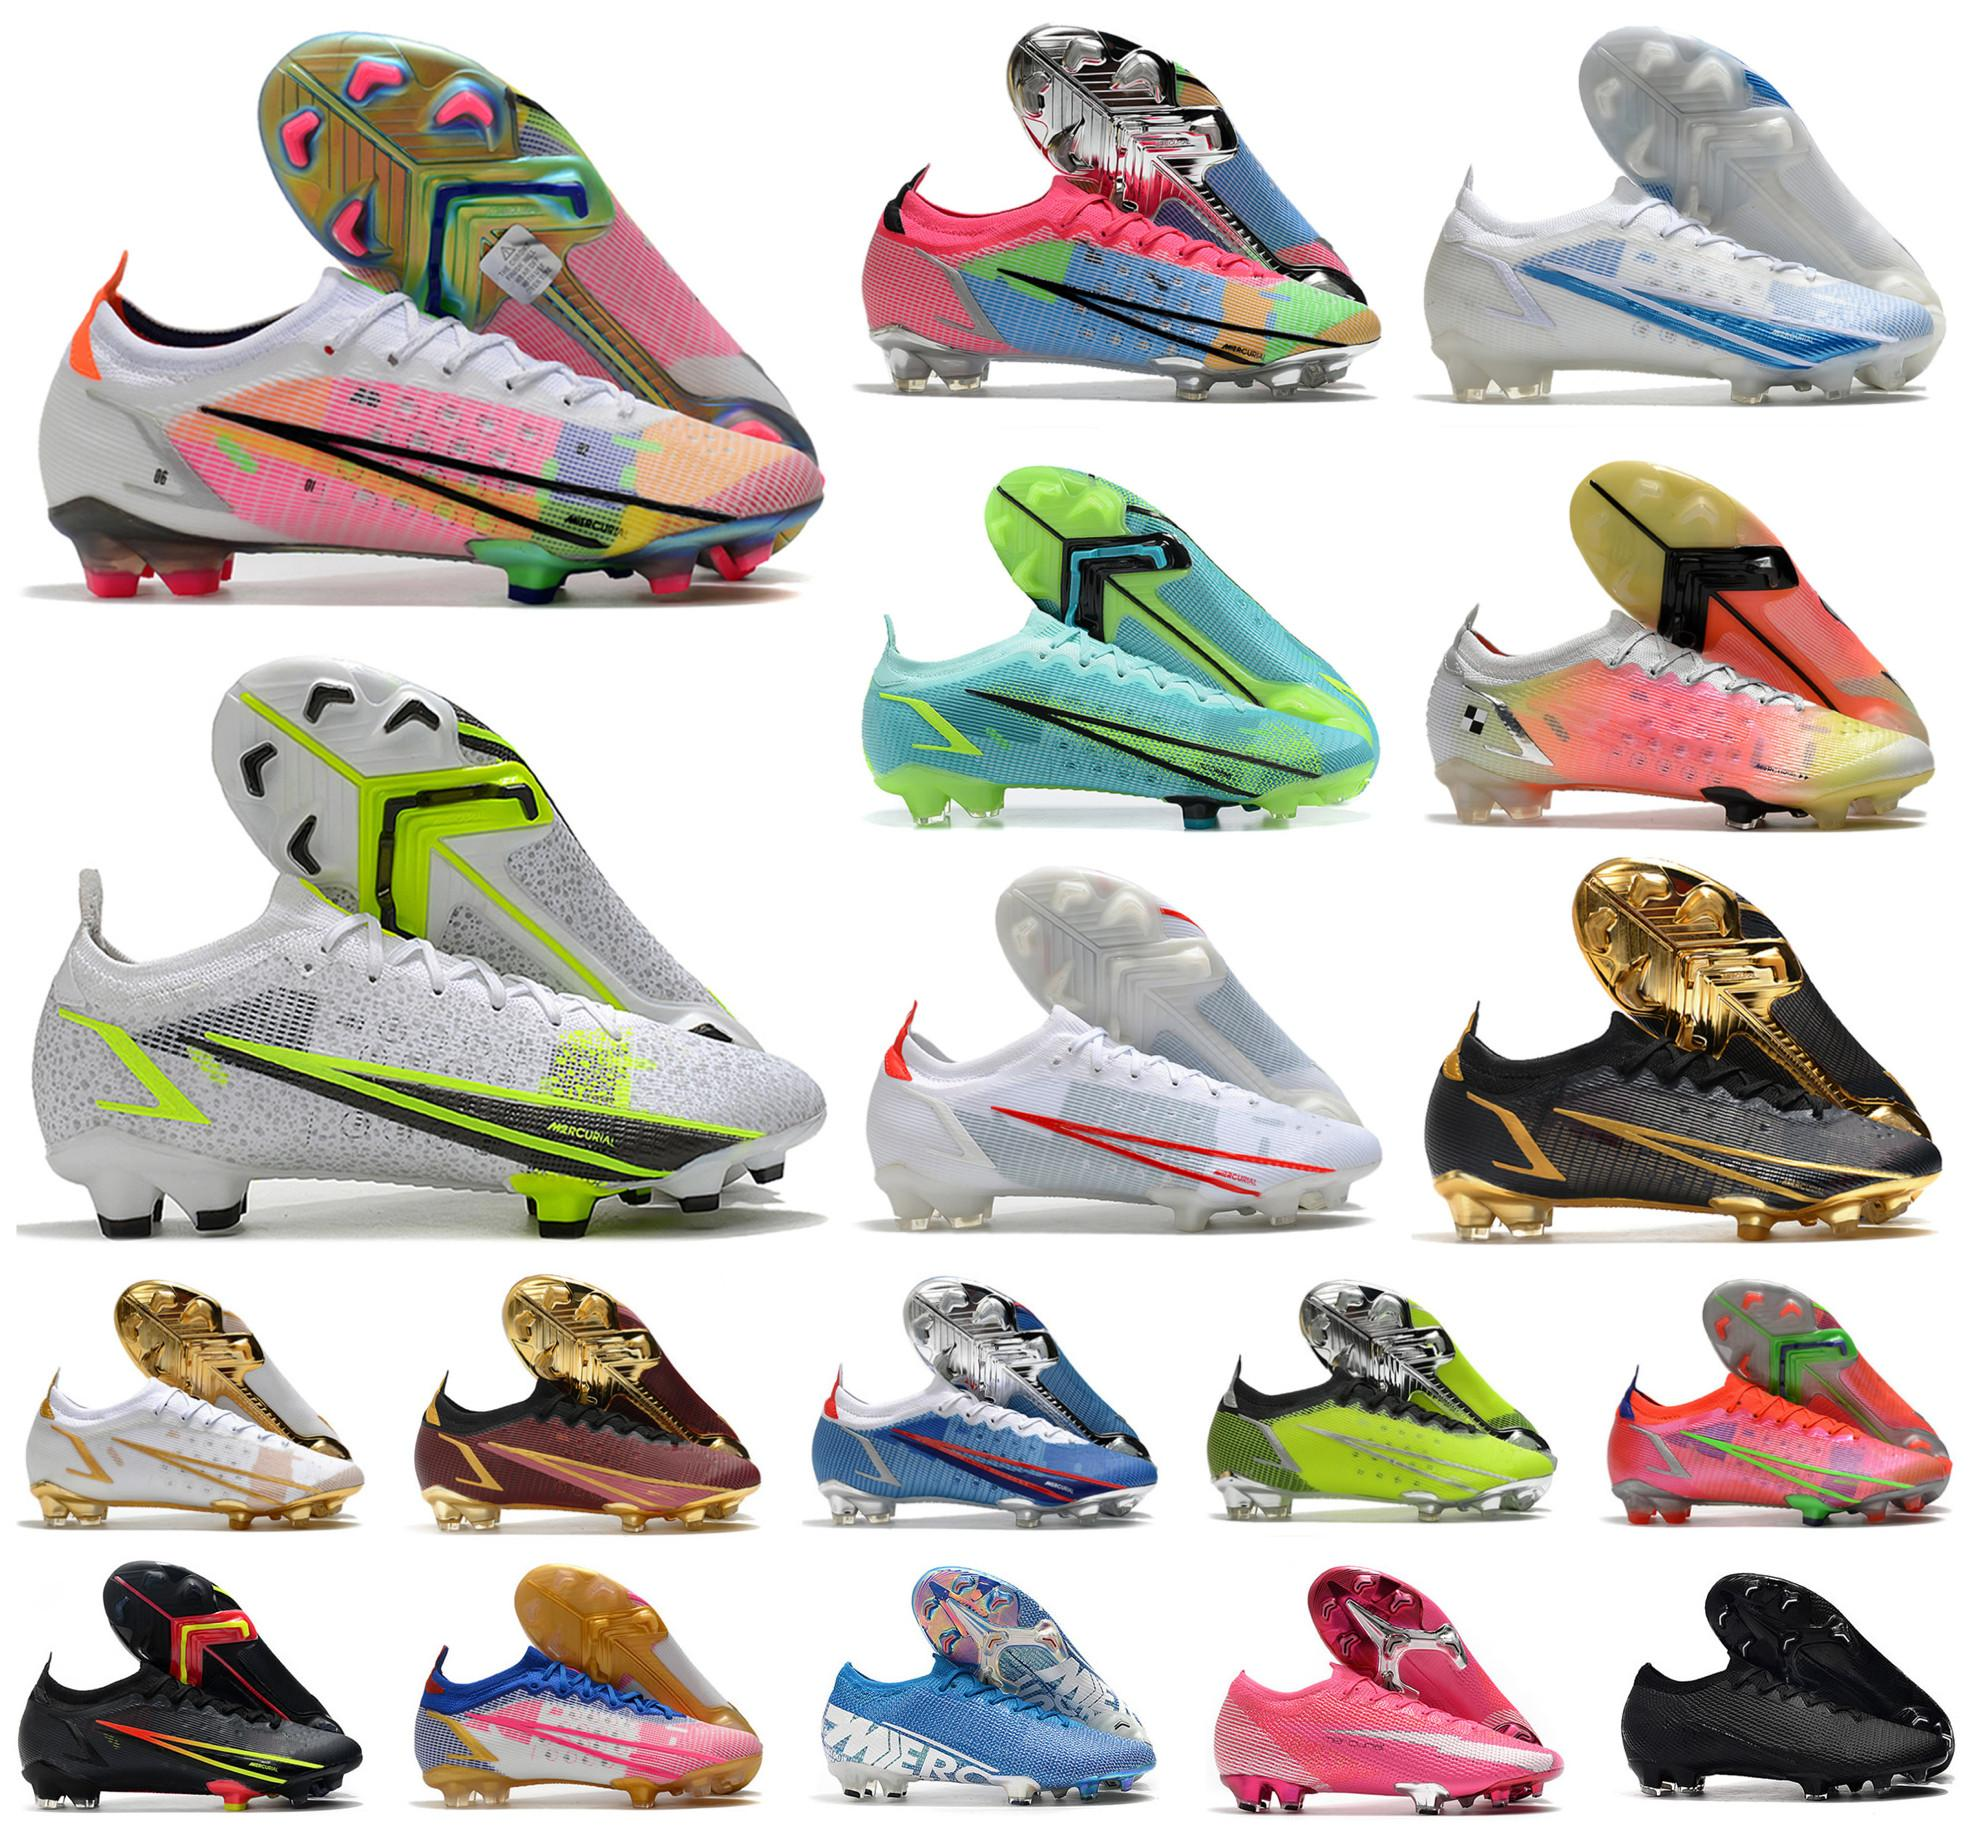 2021 الرجال va pors اليعسوب xiv 14 360 النخبة fg soccer shoes se cr7 رونالدو الدافع حزمة mds 004 منخفضة النساء الاطفال أحذية كرة القدم المرابط حجم 39-45